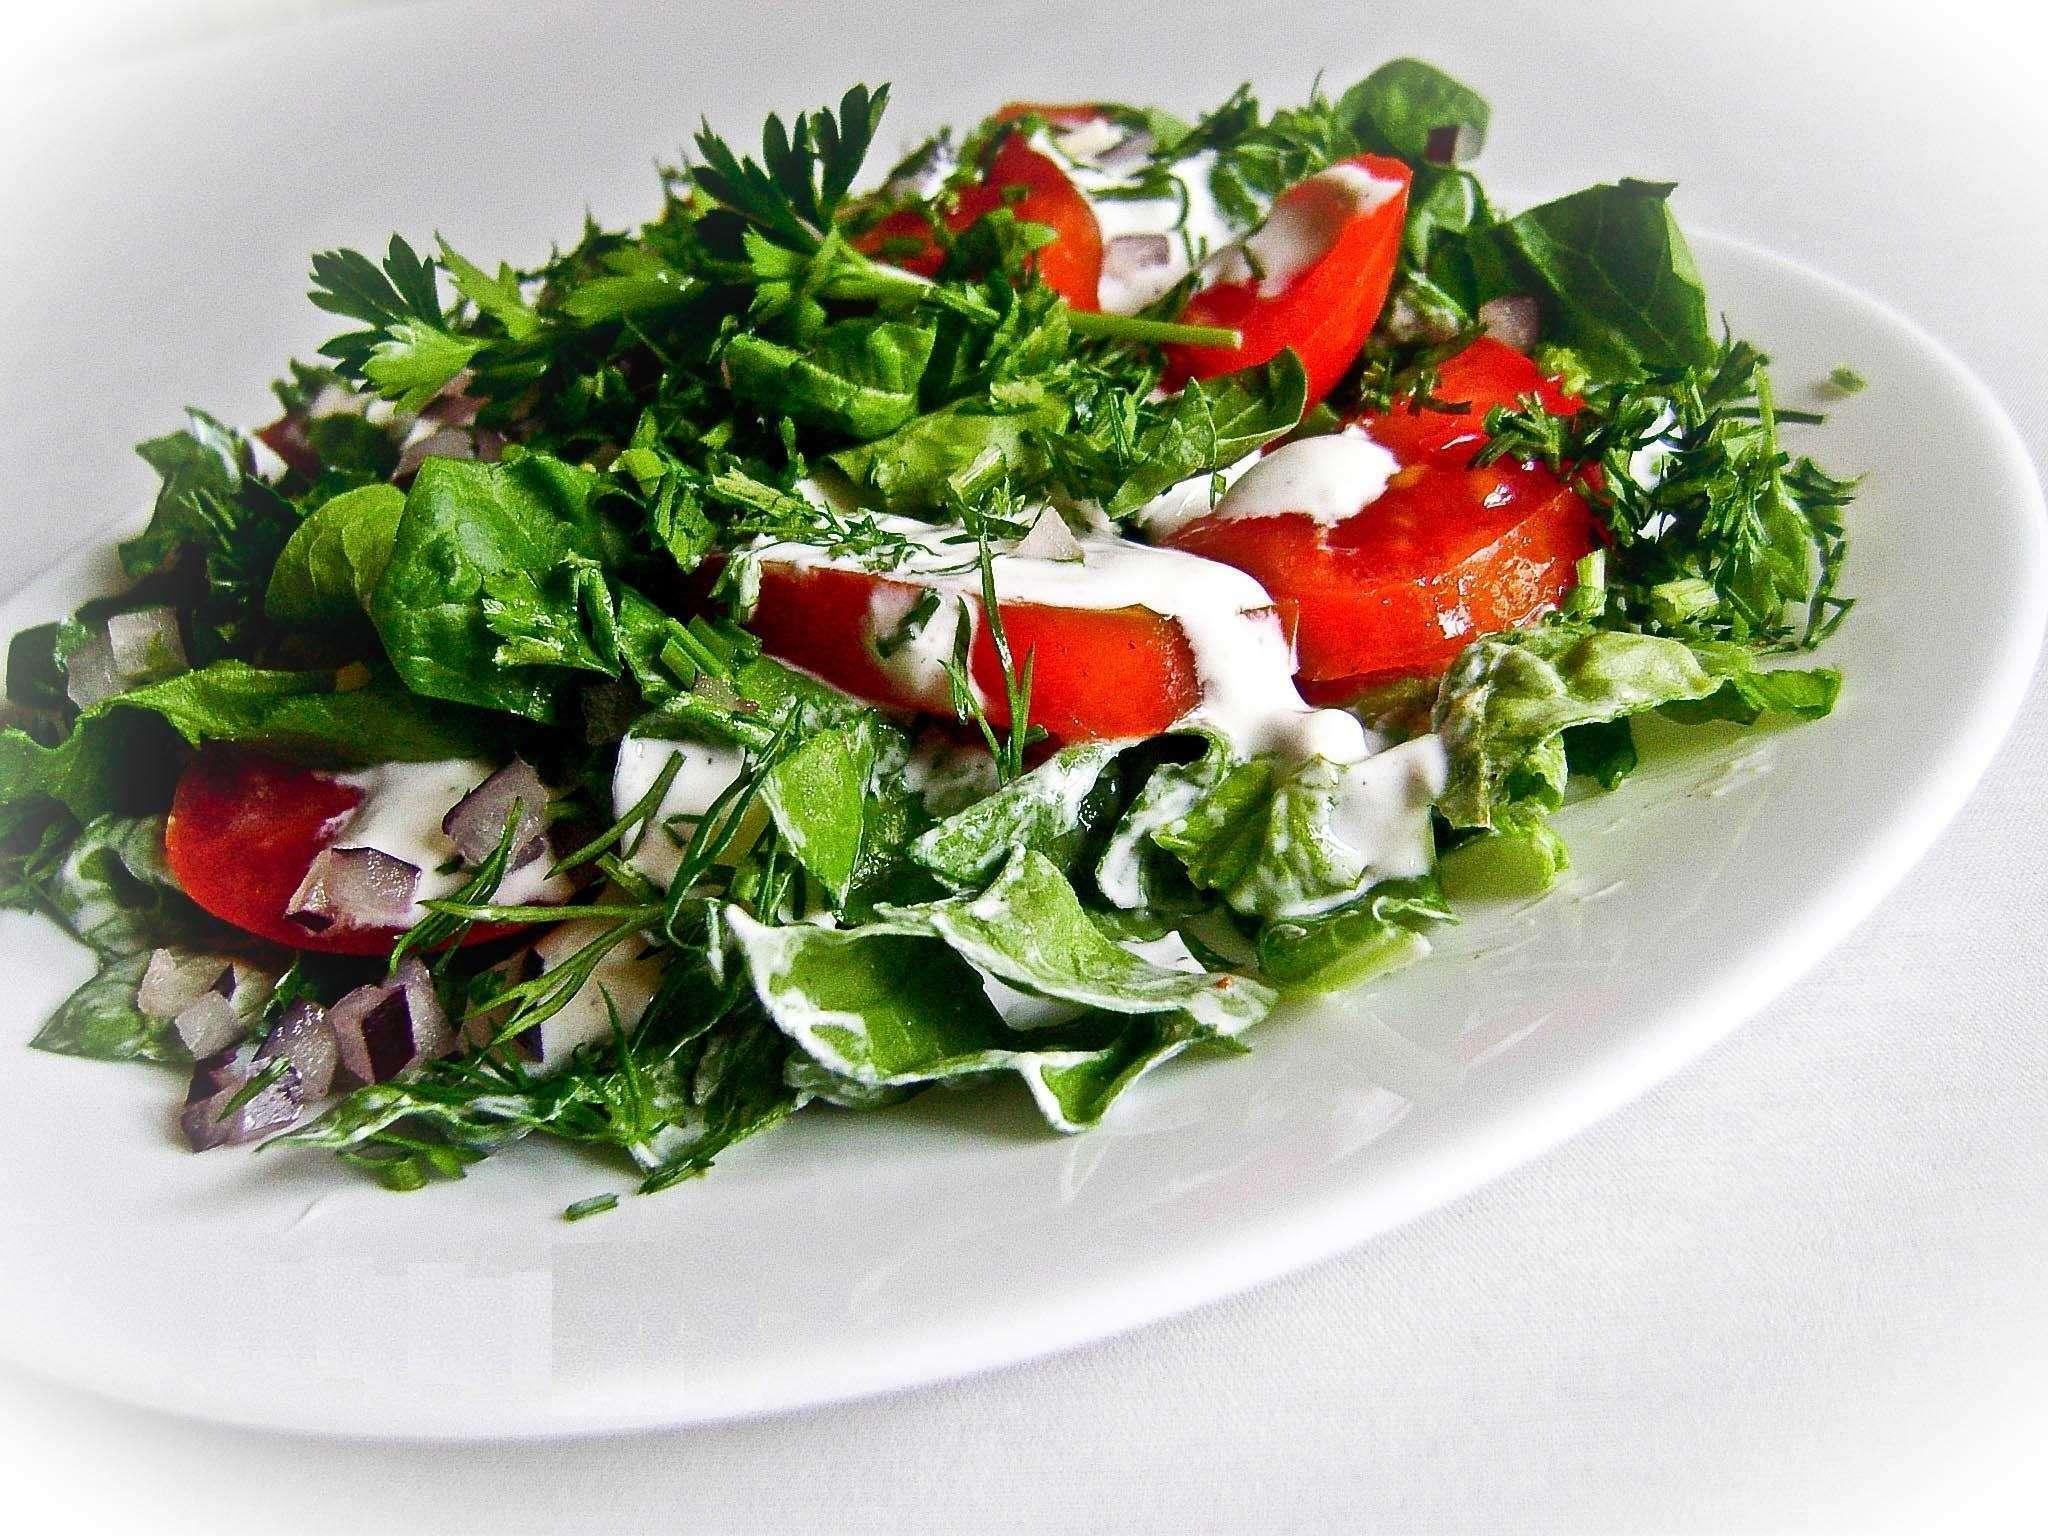 приближается шпинат рецепты приготовления салаты фото что-то